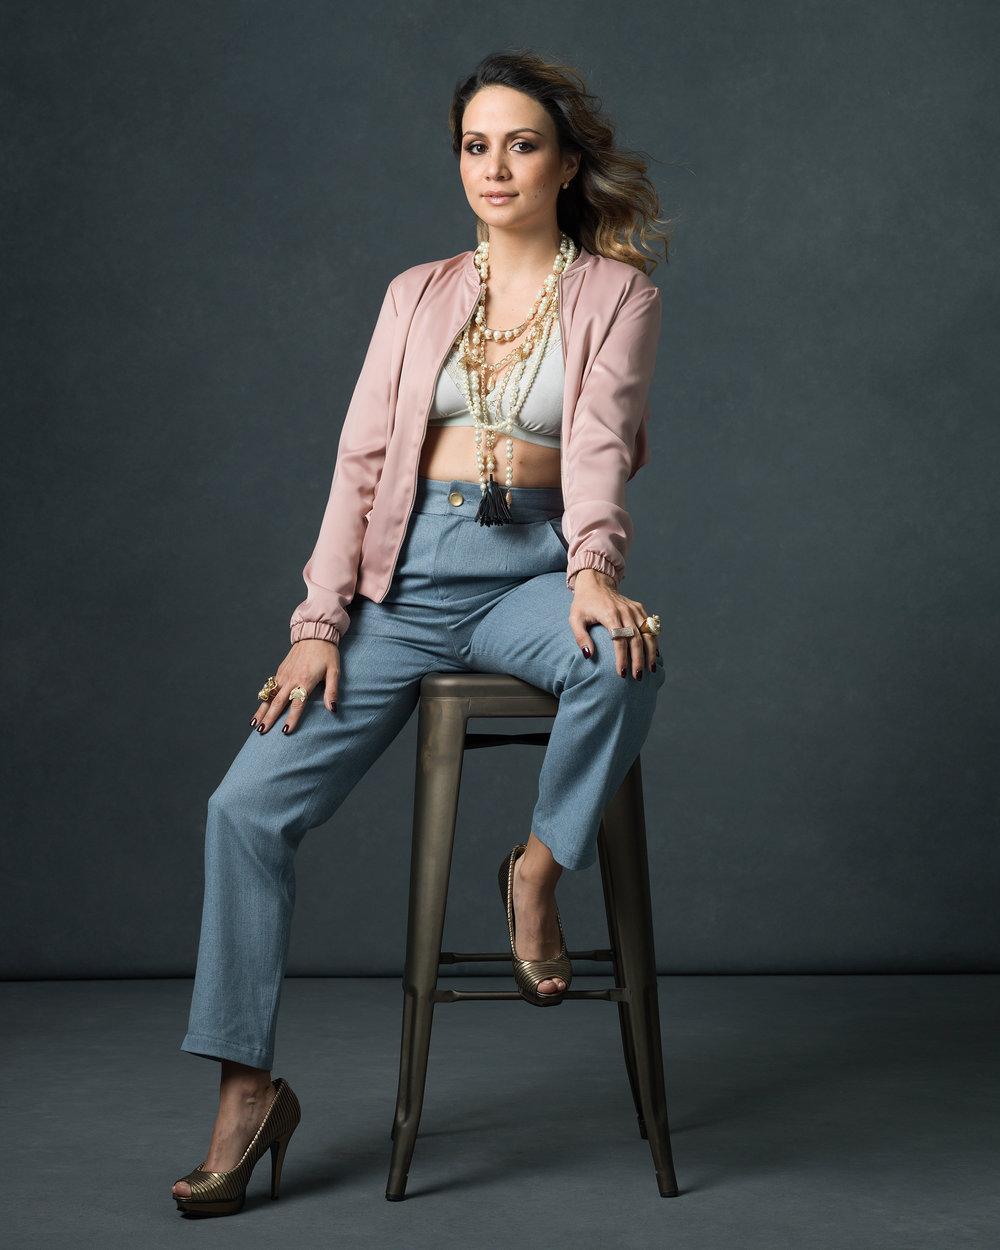 The Go-Getter - La Niña Almendra in the Jeane Jeans.